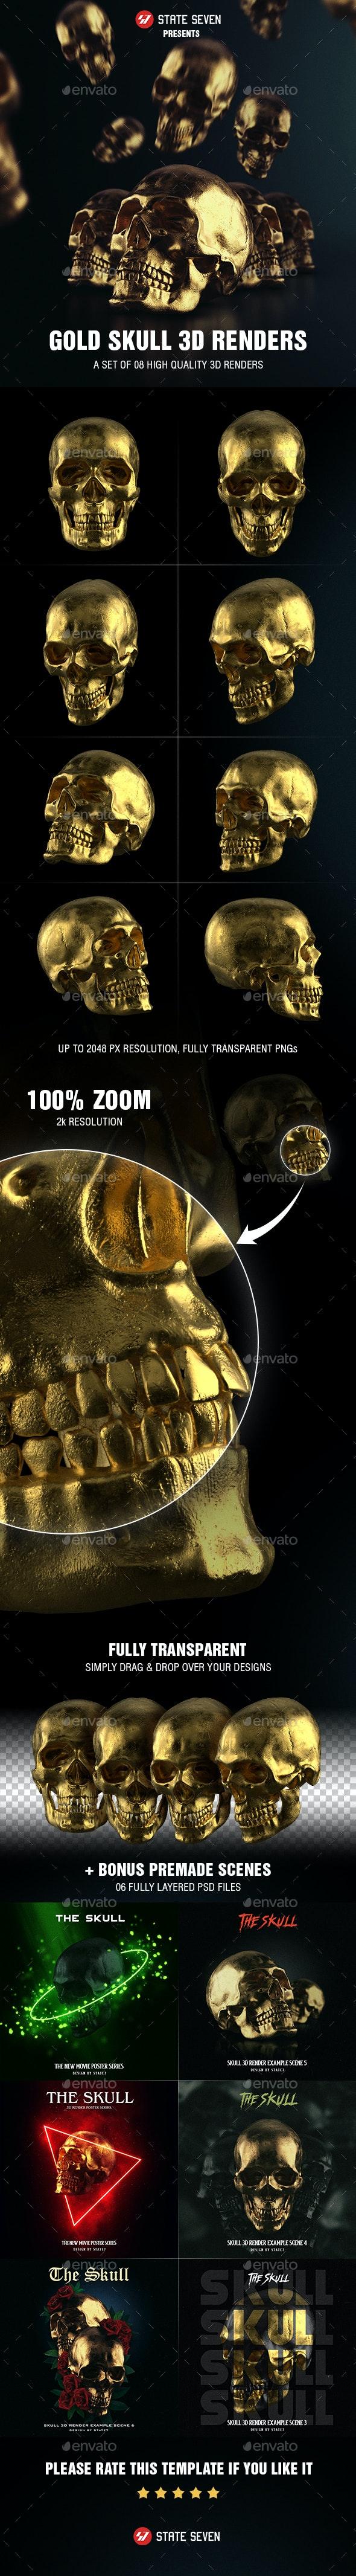 Gold Skull 3D Renders - Objects 3D Renders